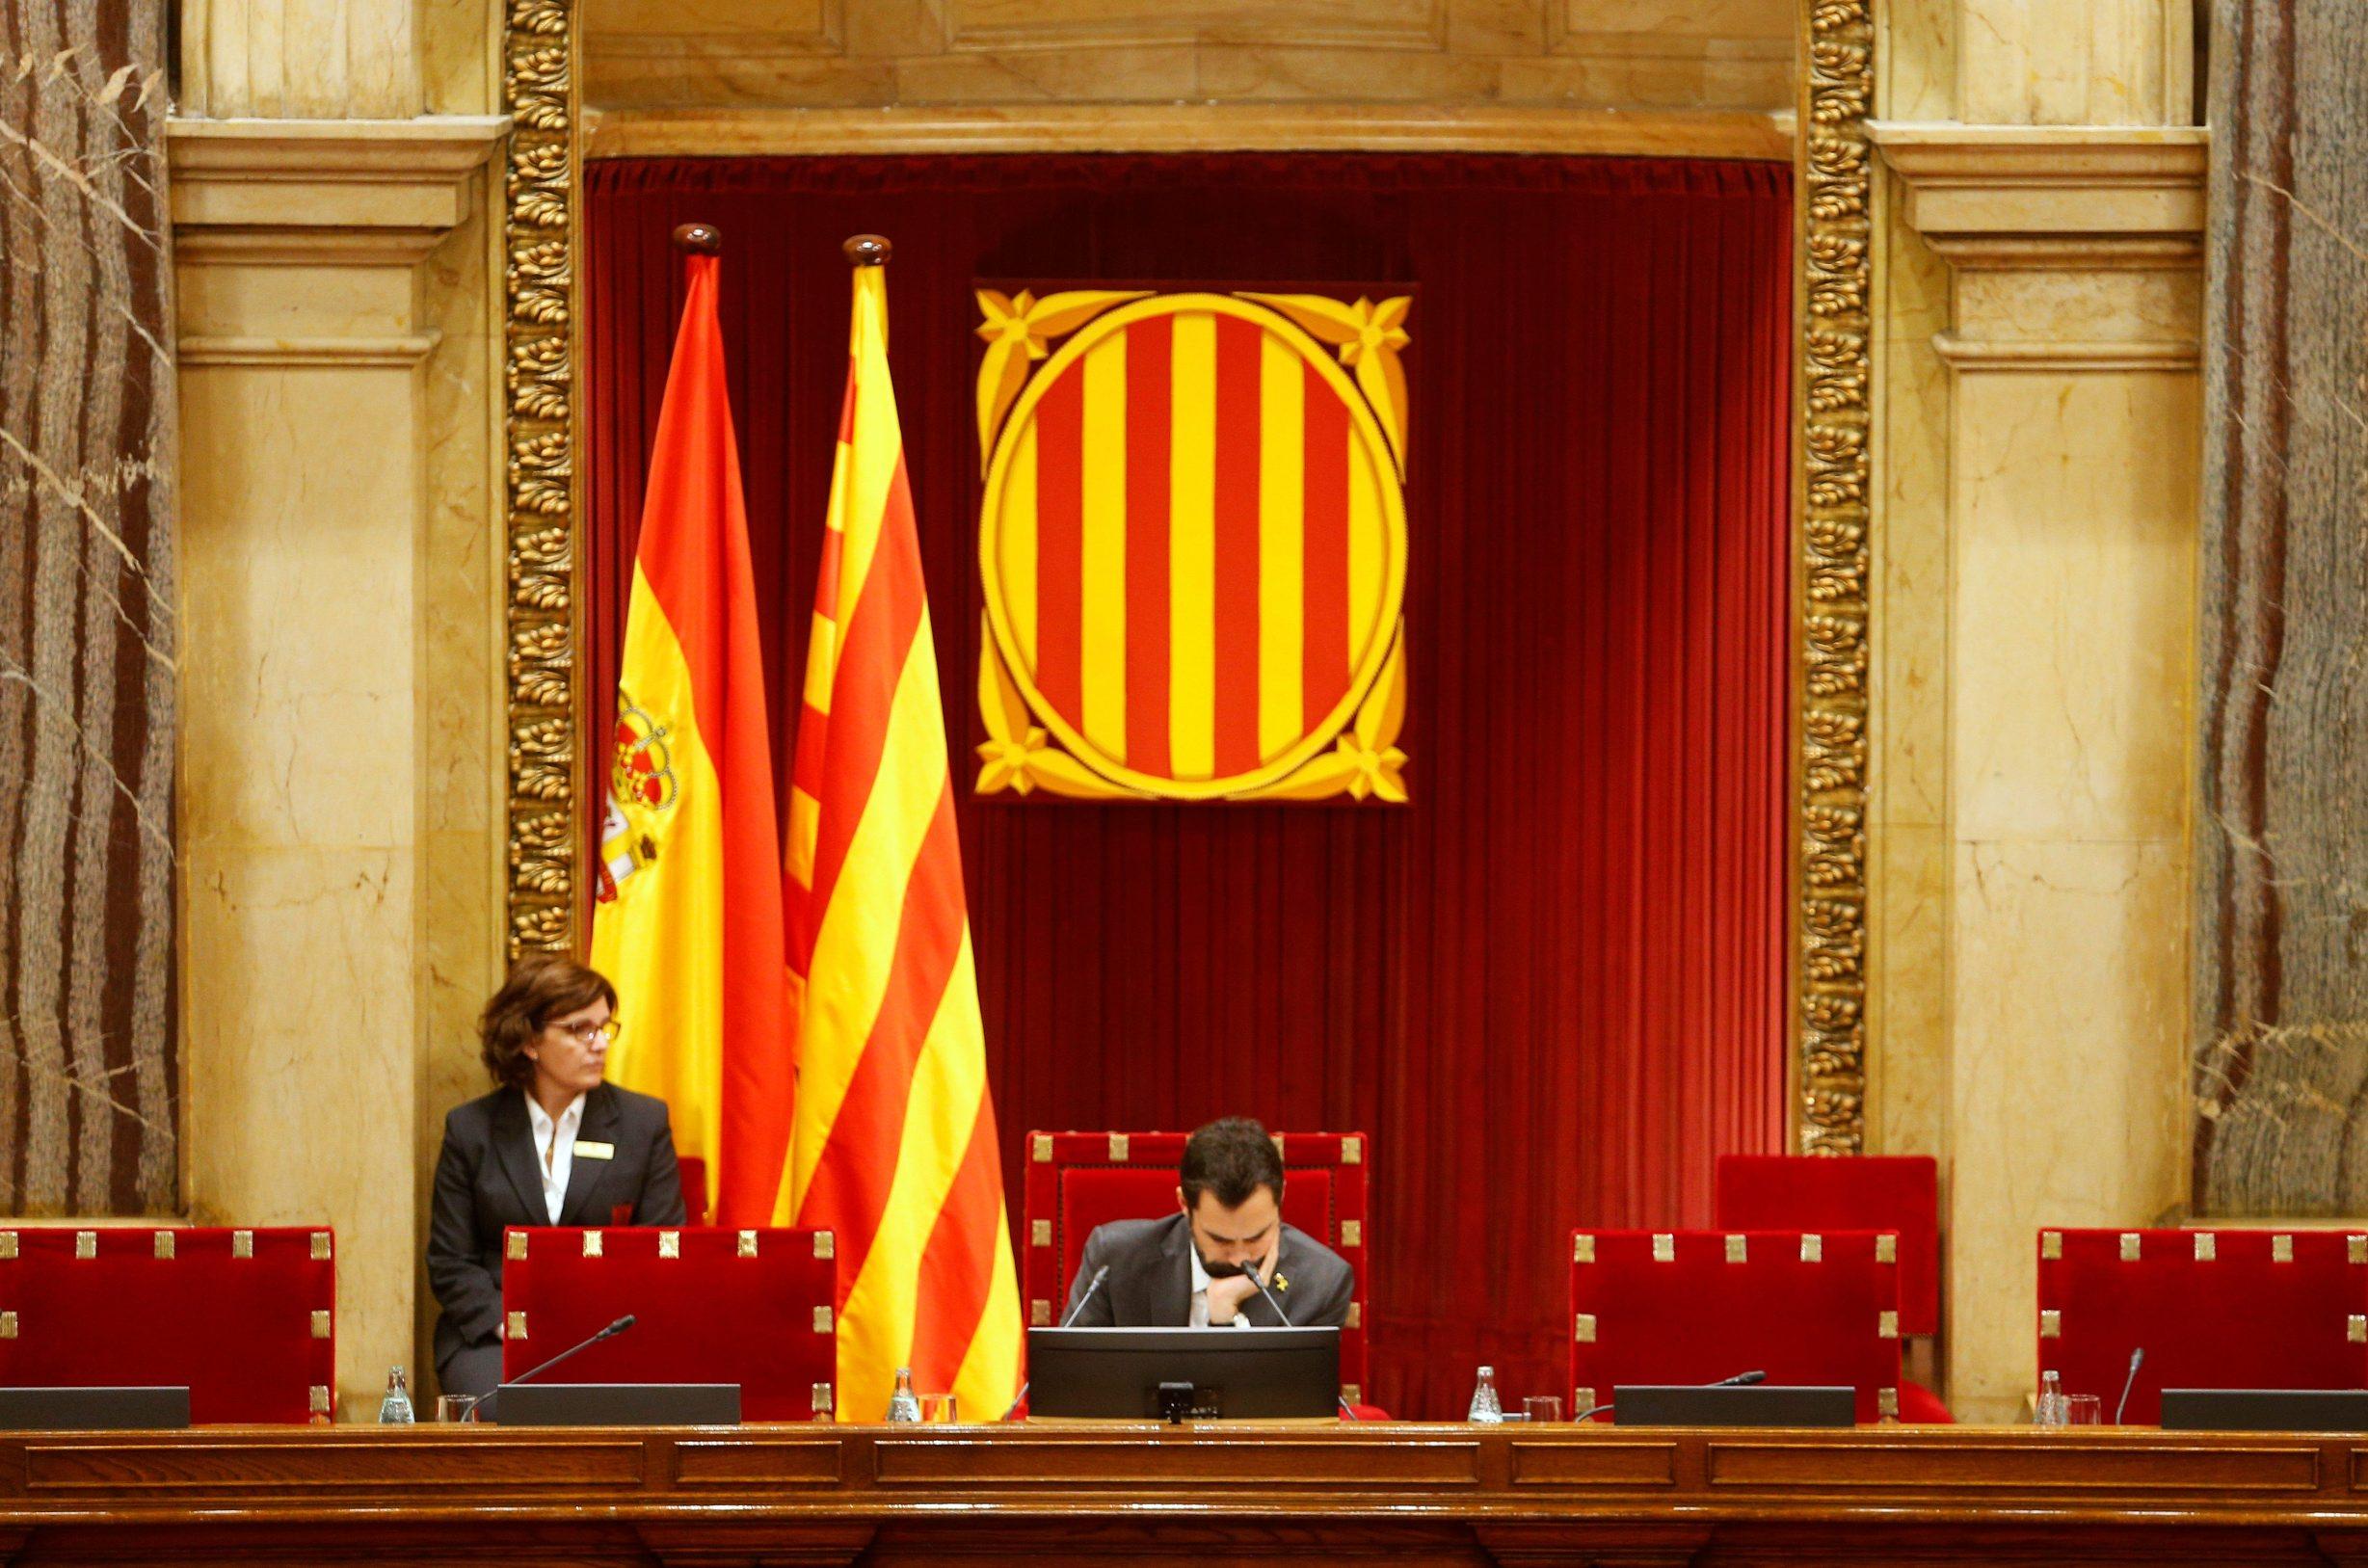 2019-11-12T151242Z_132388604_RC2R9D9ULQTA_RTRMADP_3_SPAIN-POLITICS-CATALONIA-TORRA